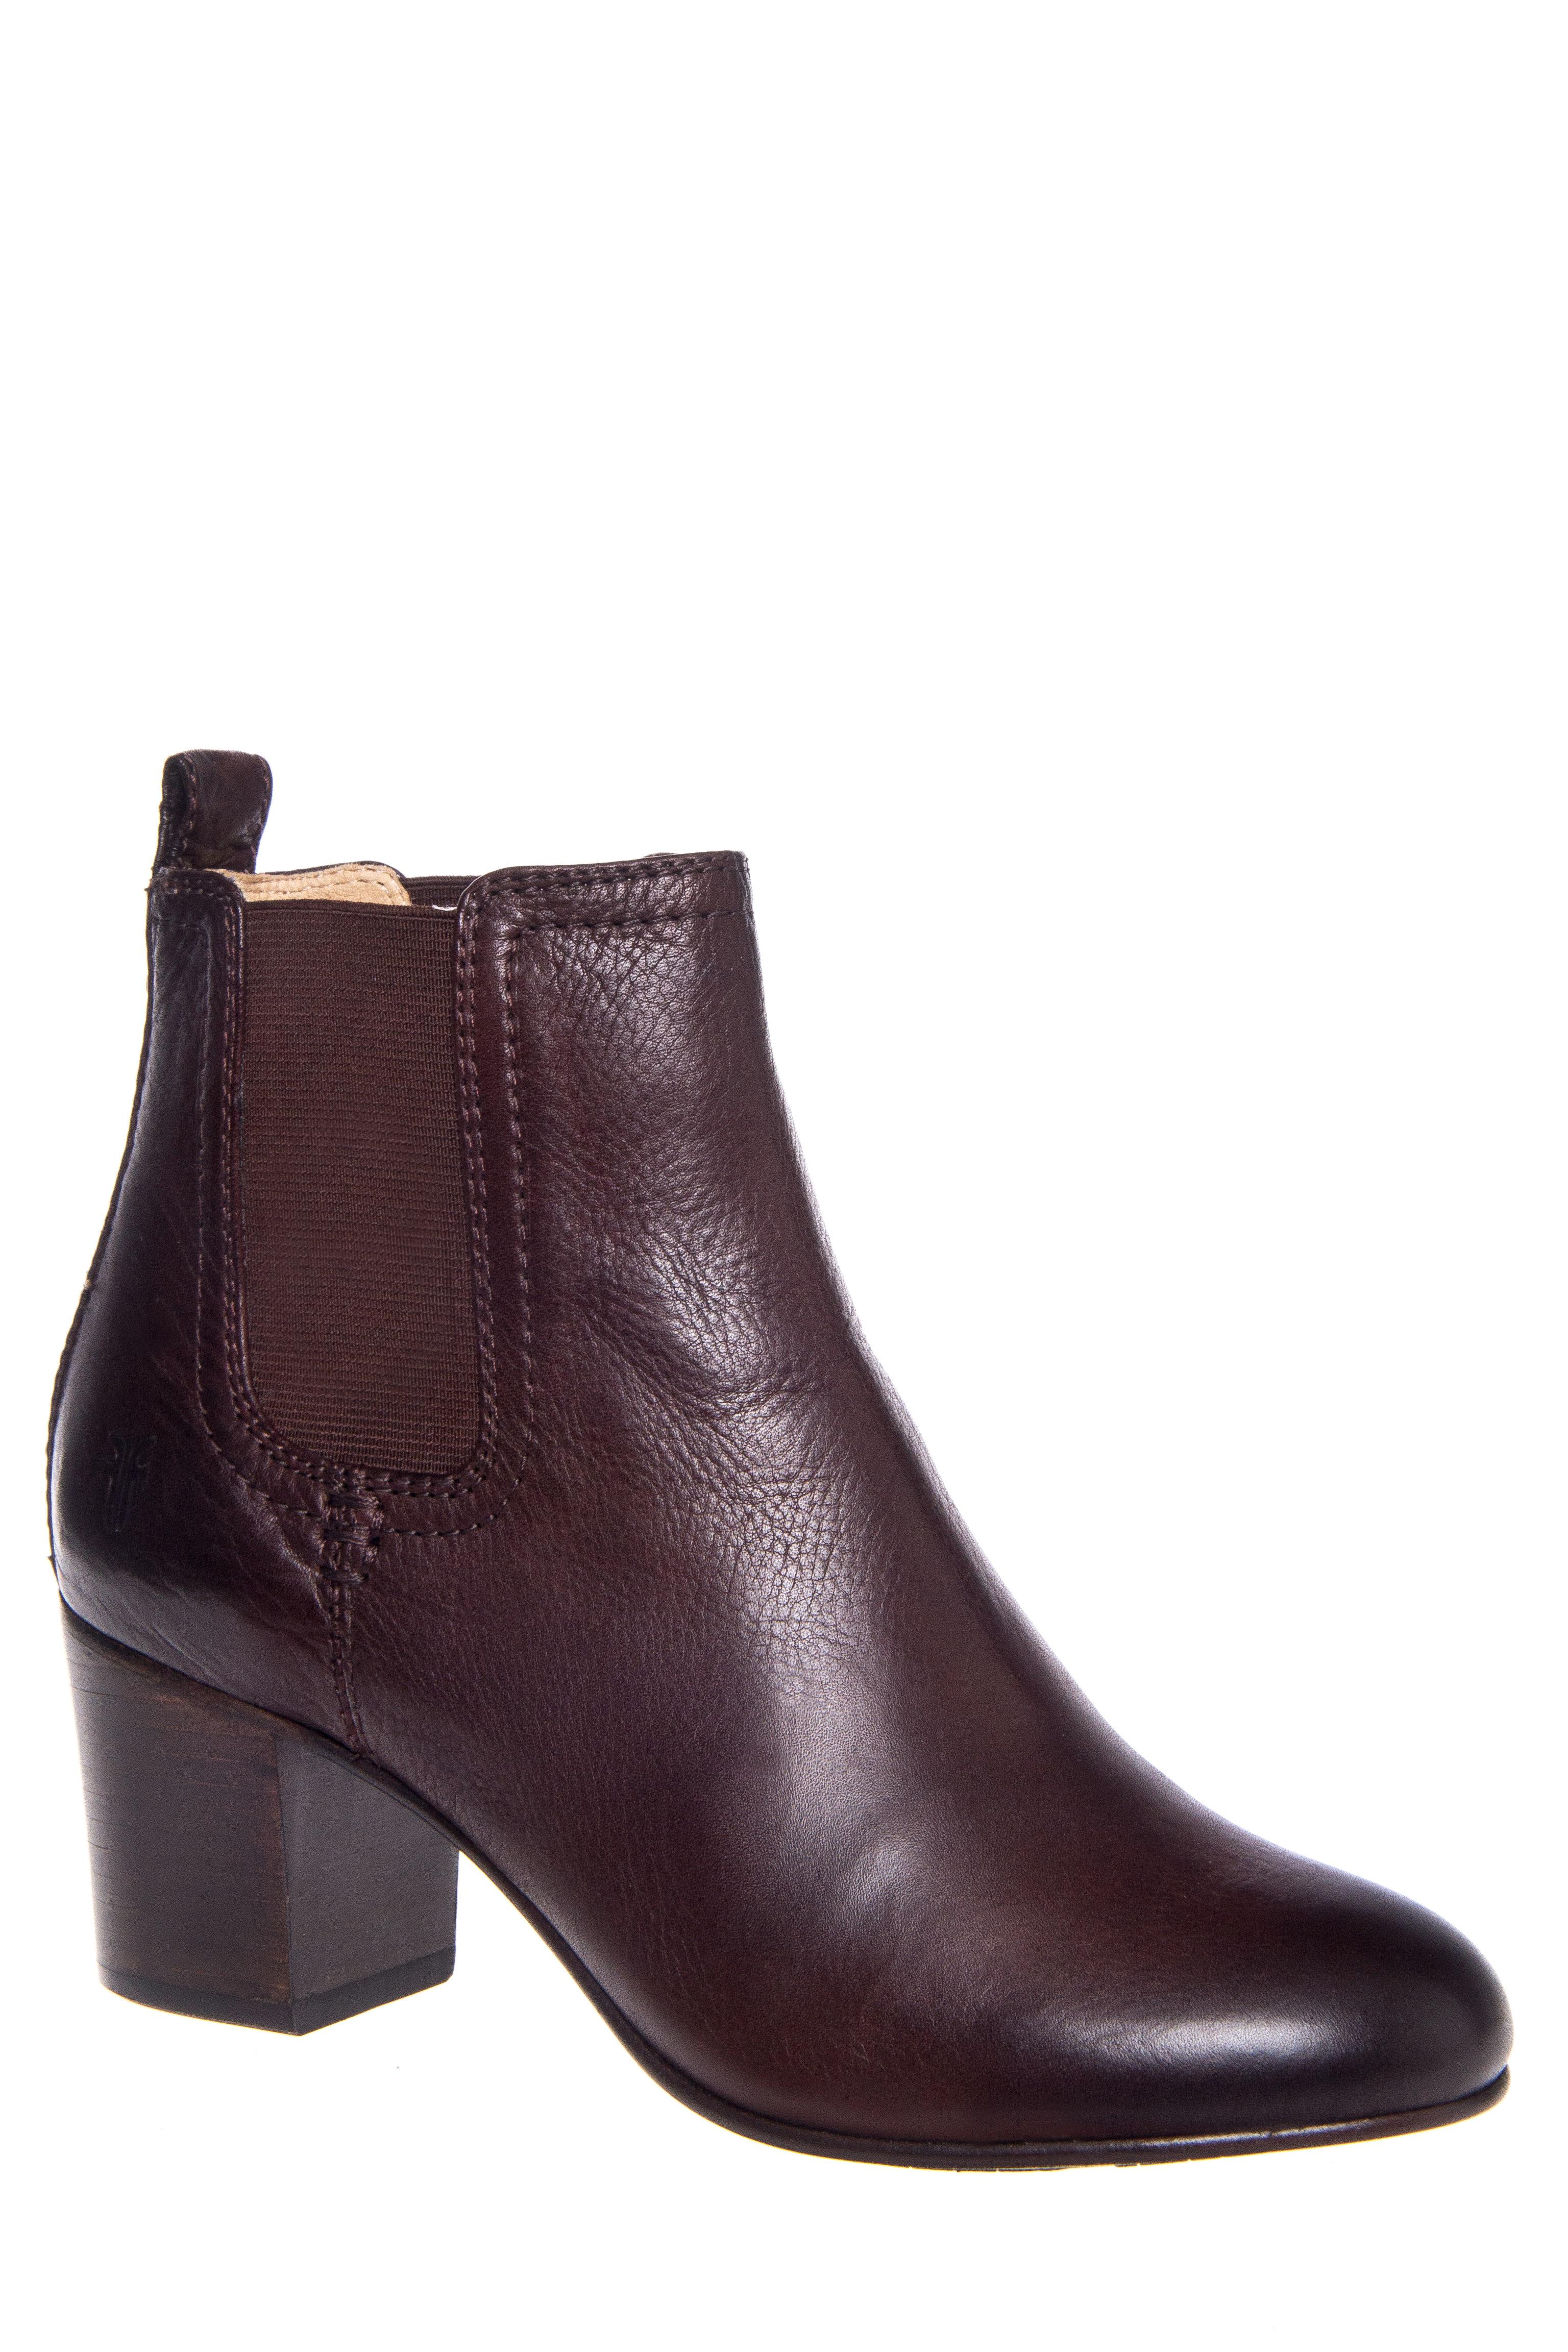 Frye Stella Chelsea Short Mid Heel Booties - Dark Brown